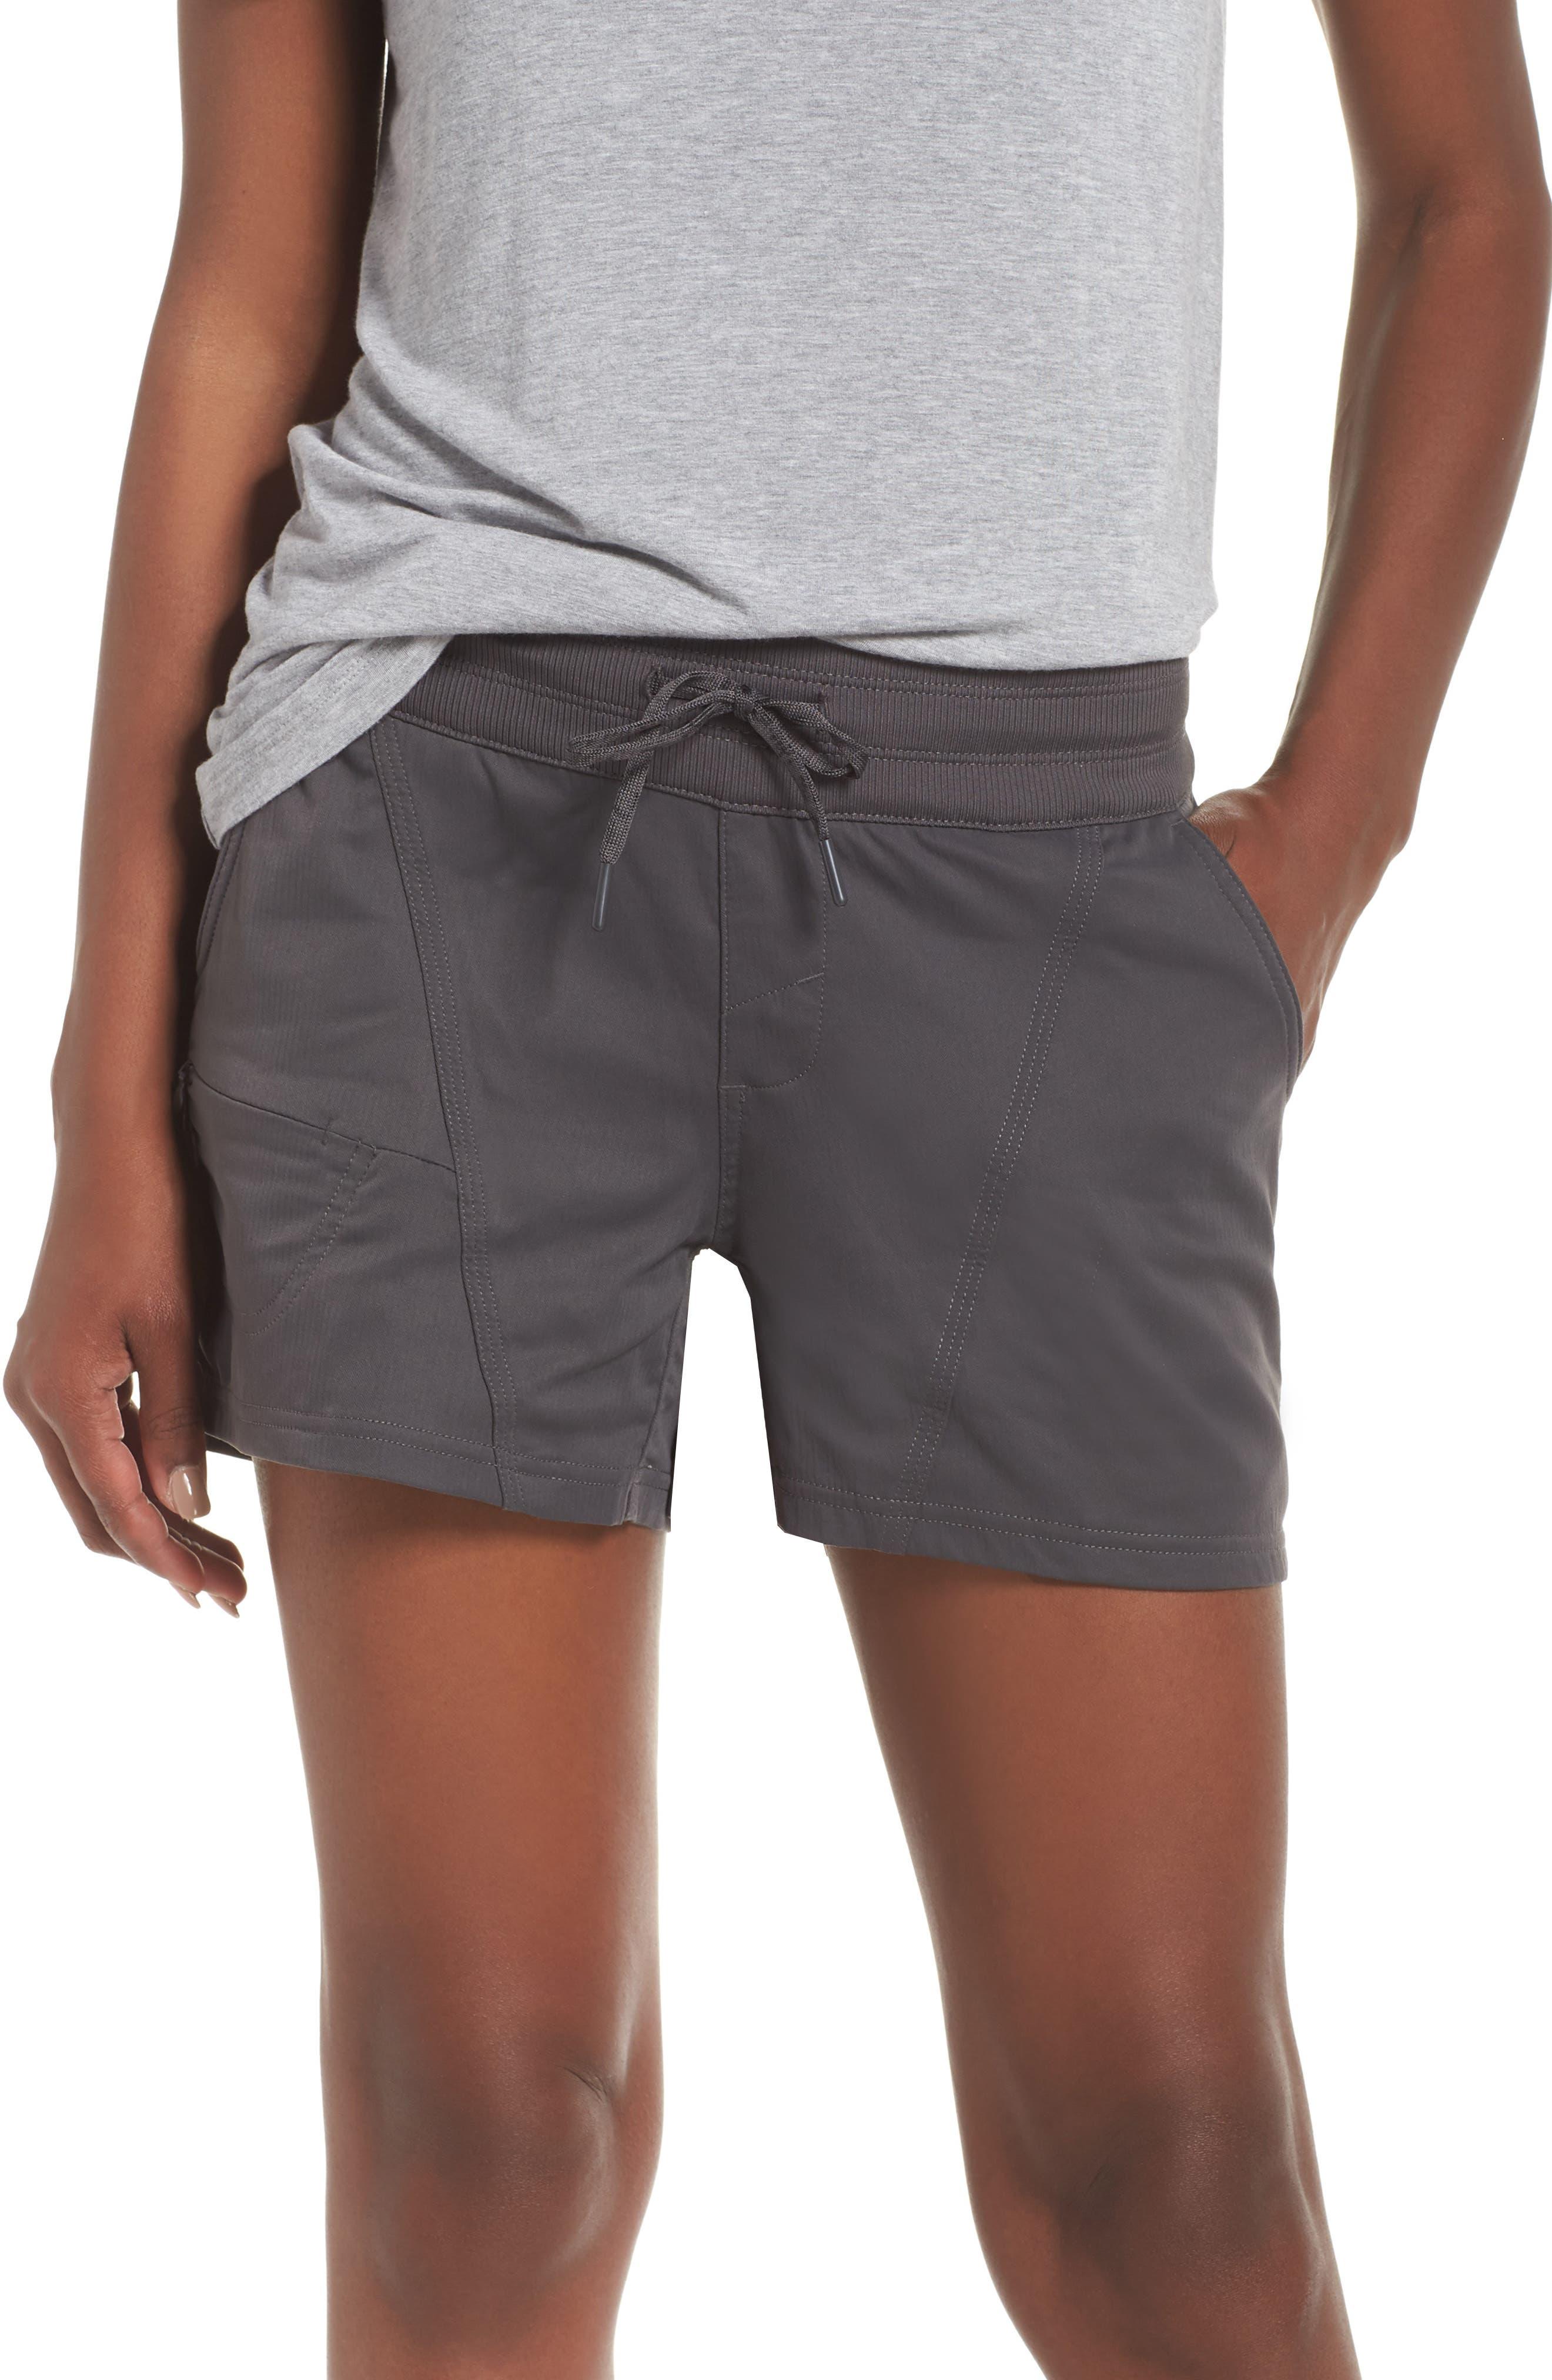 Aphrodite 2.0 Hiking Shorts,                             Alternate thumbnail 4, color,                             021